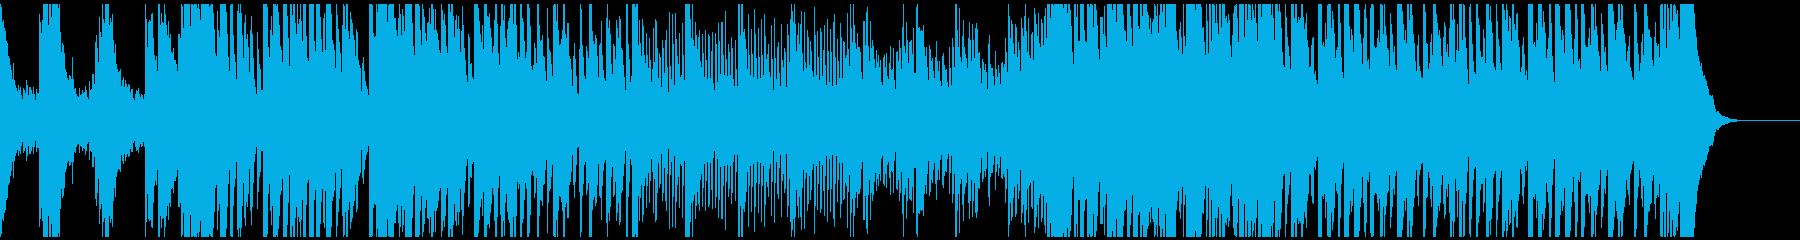 ピアノがメインの曲/静かな決意の再生済みの波形